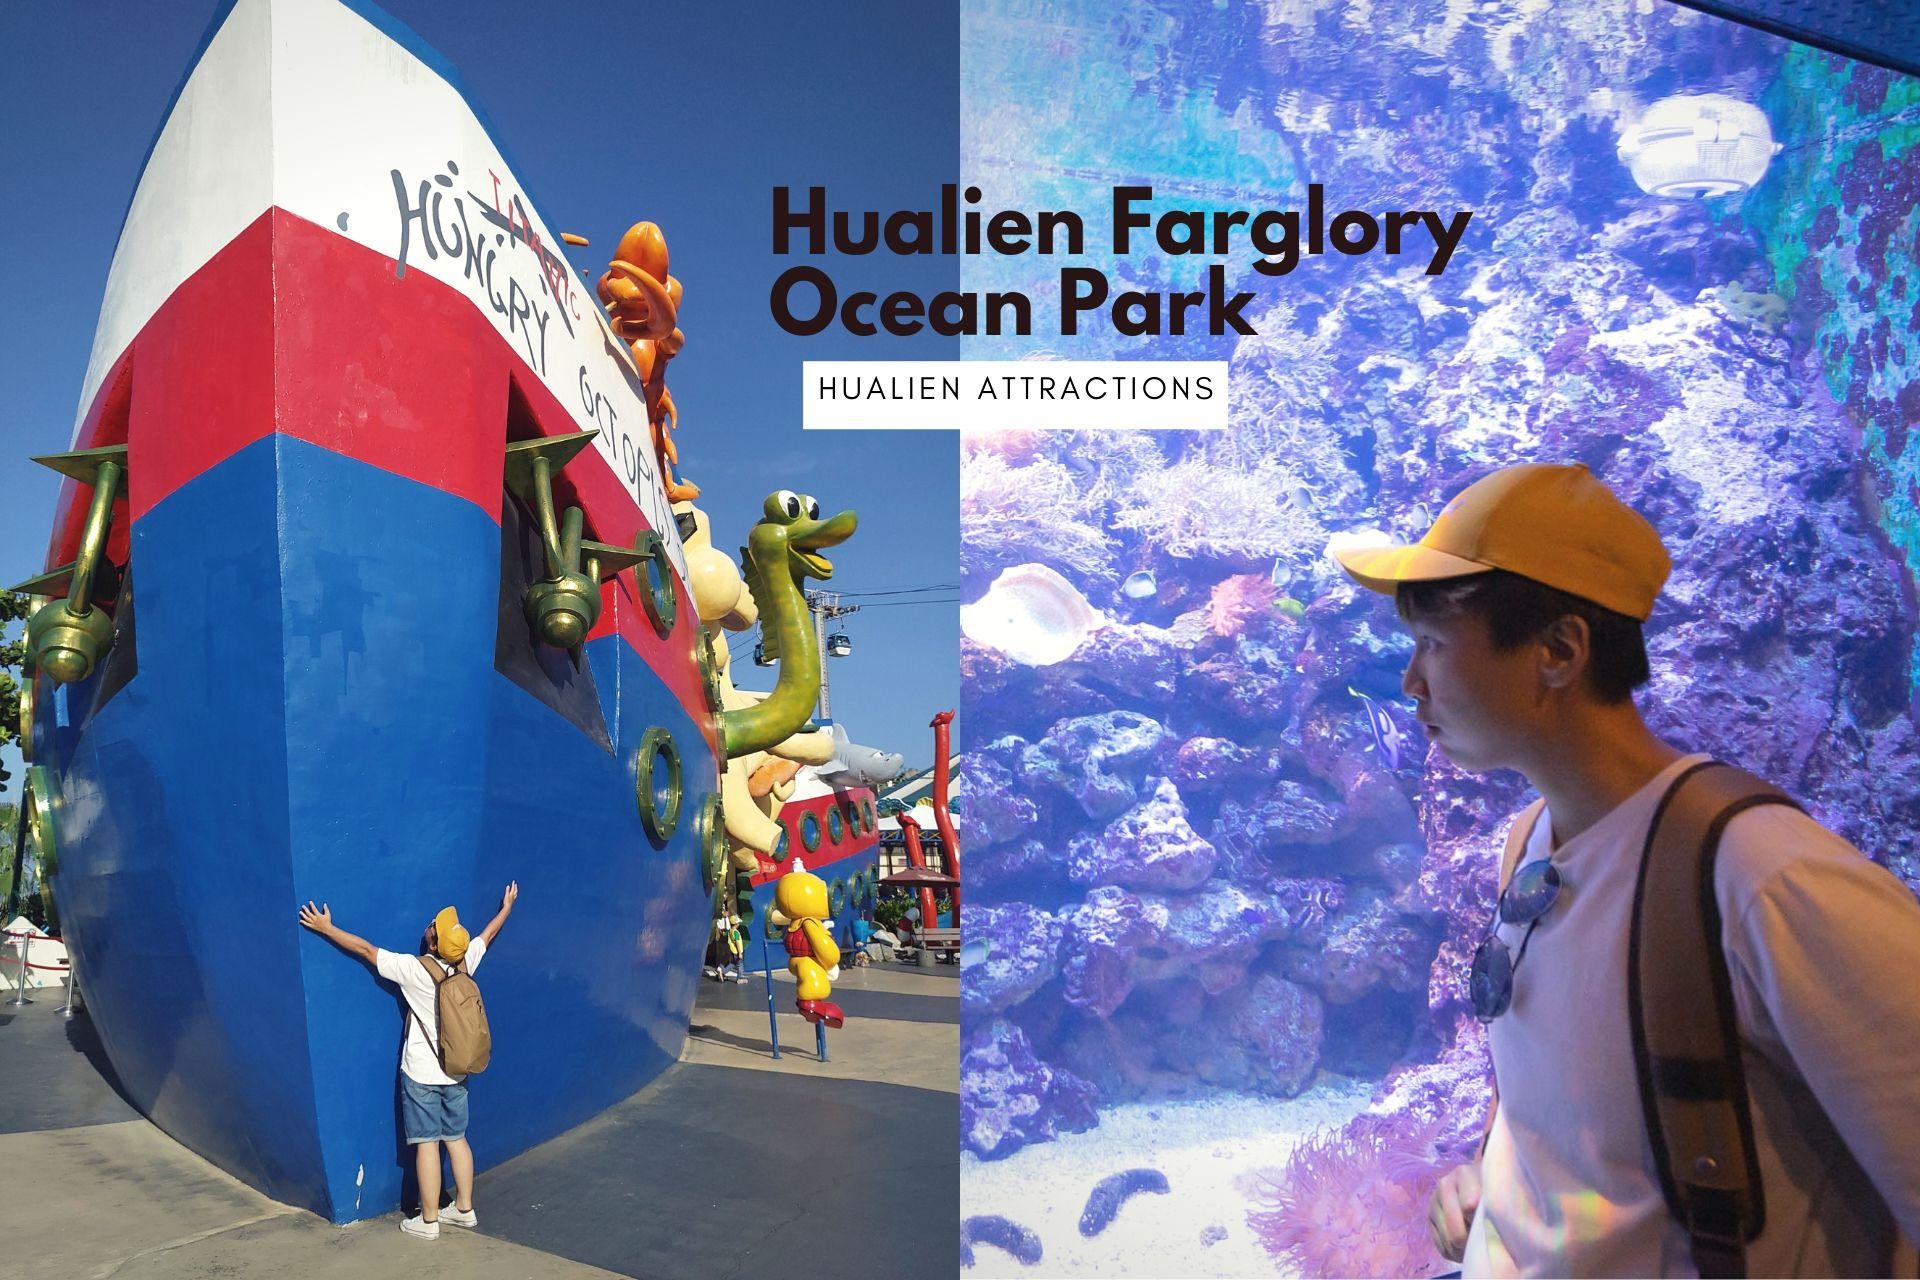 台灣最美遊樂園|花蓮遠雄海洋公園2019攻略、行程、設施、接駁車資訊